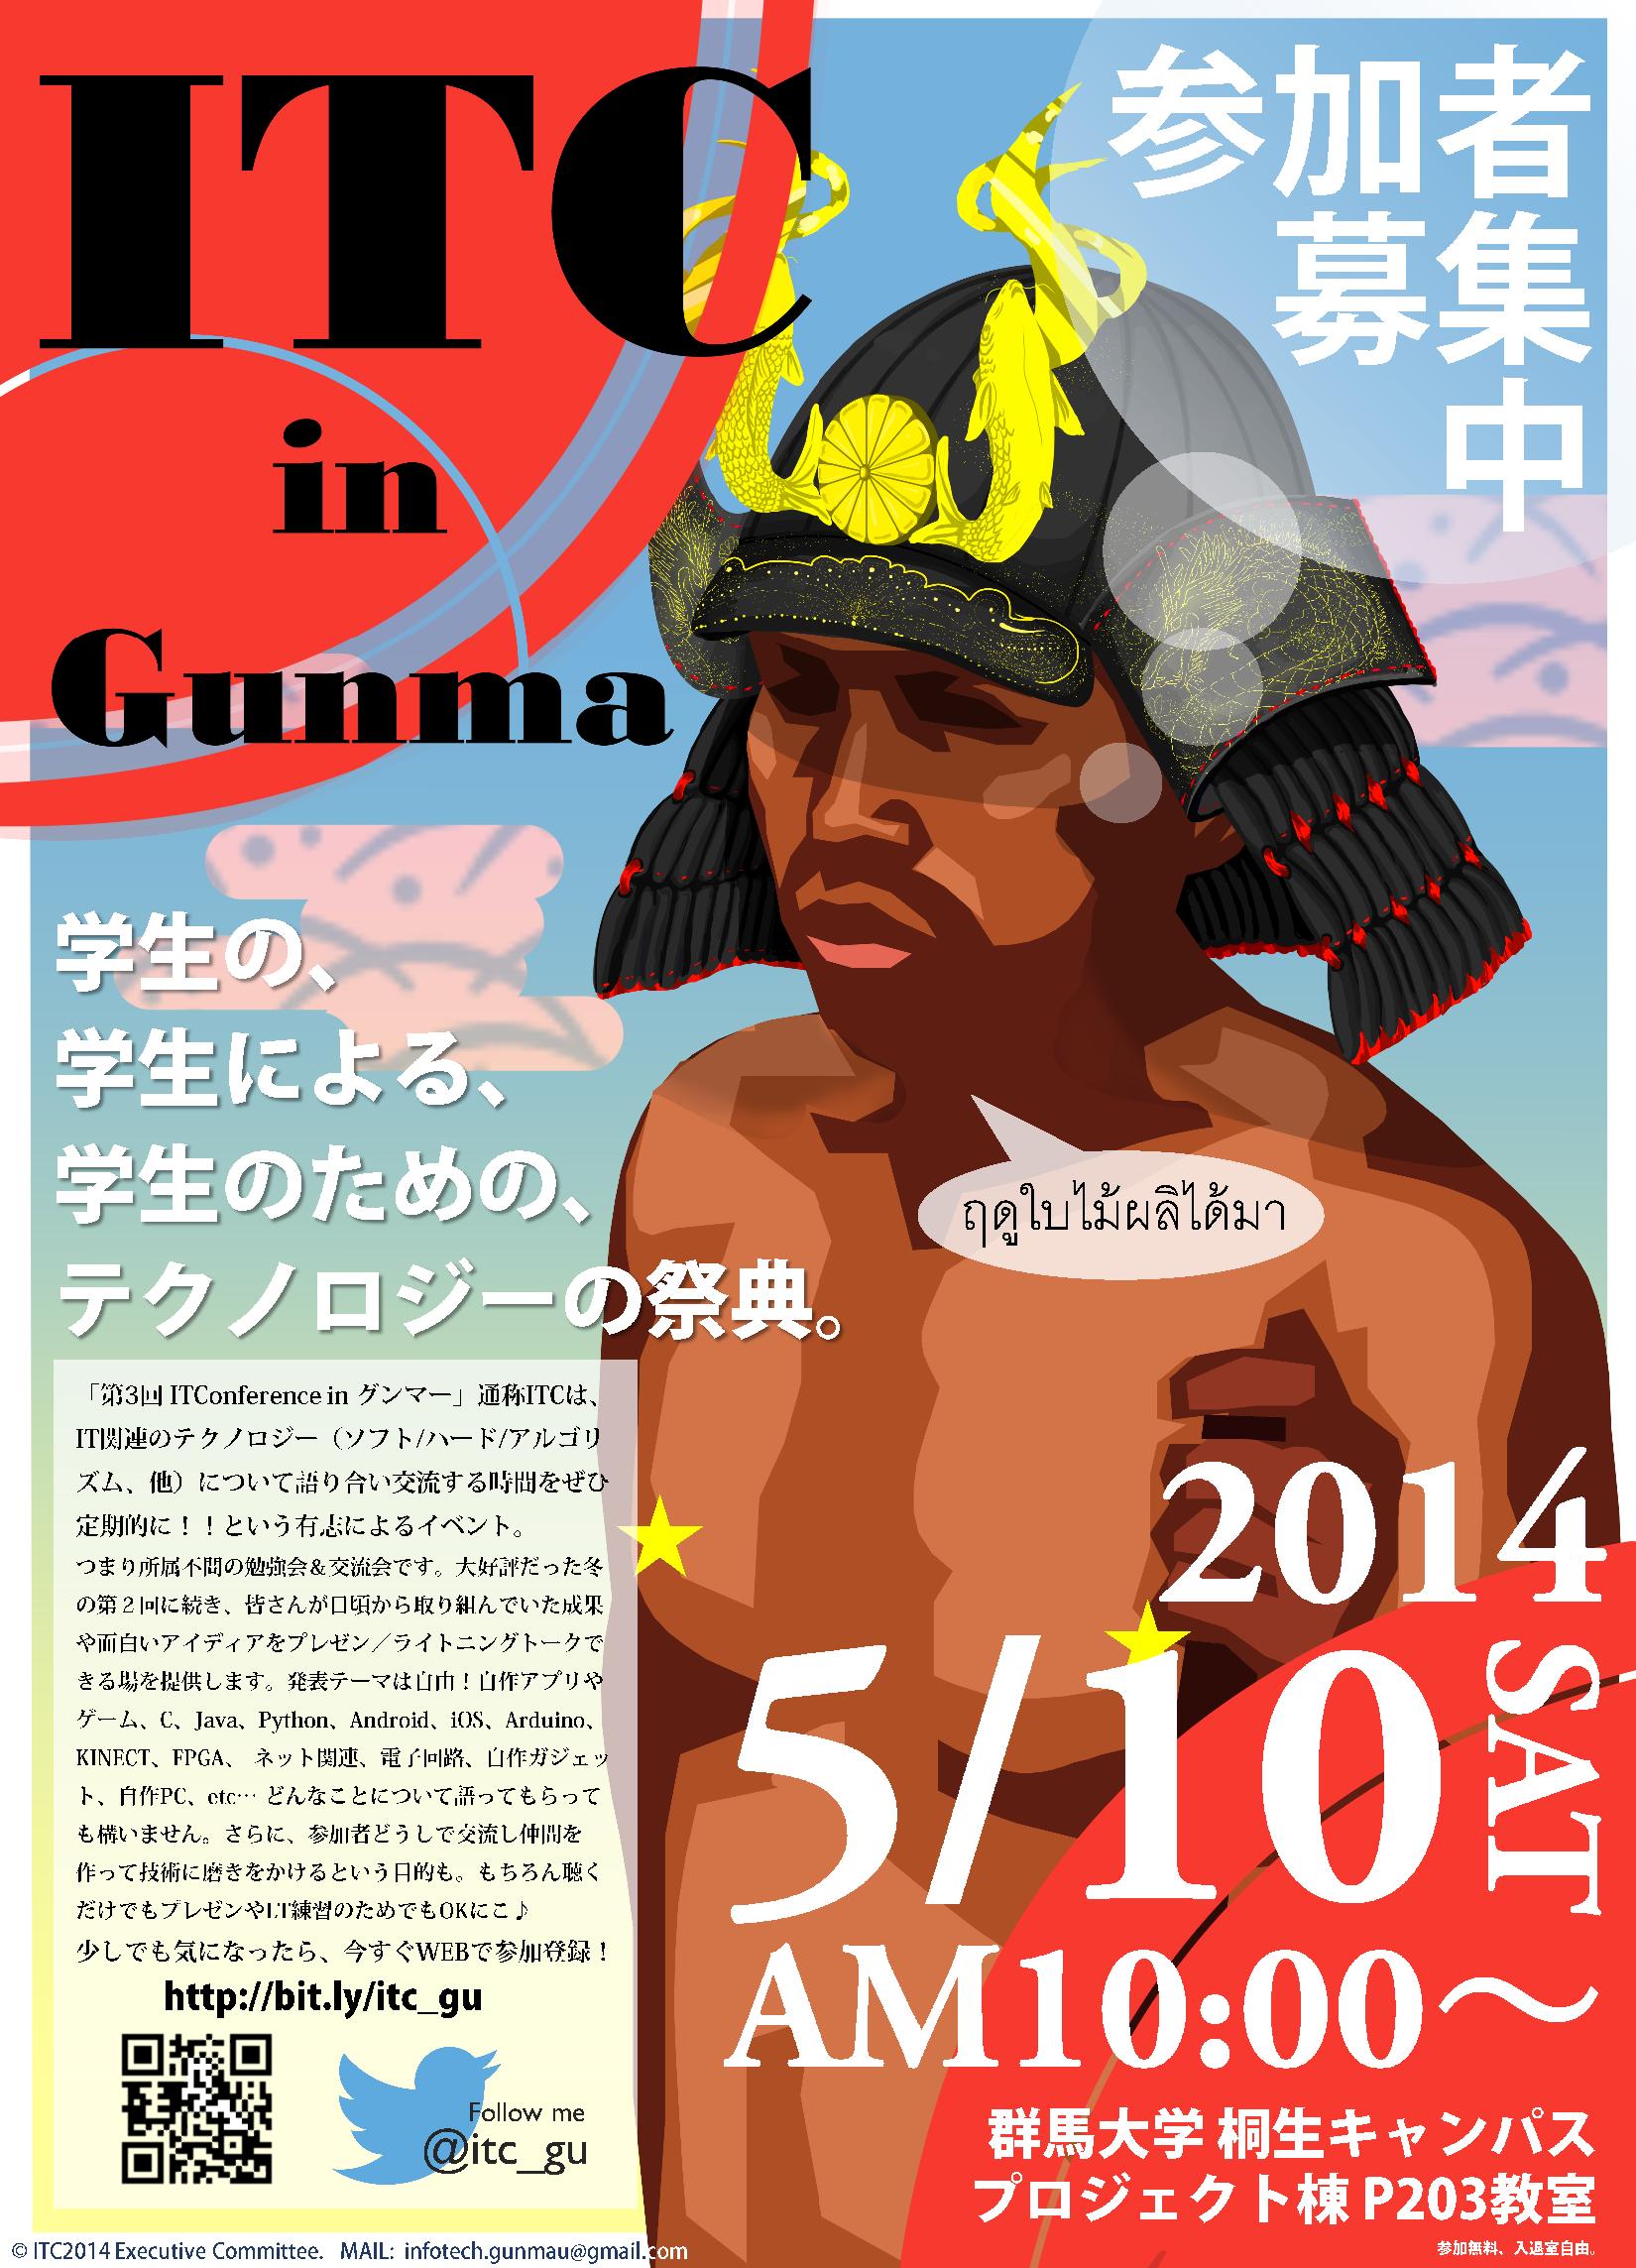 ITCinグンマー2014春の陣 ポスター